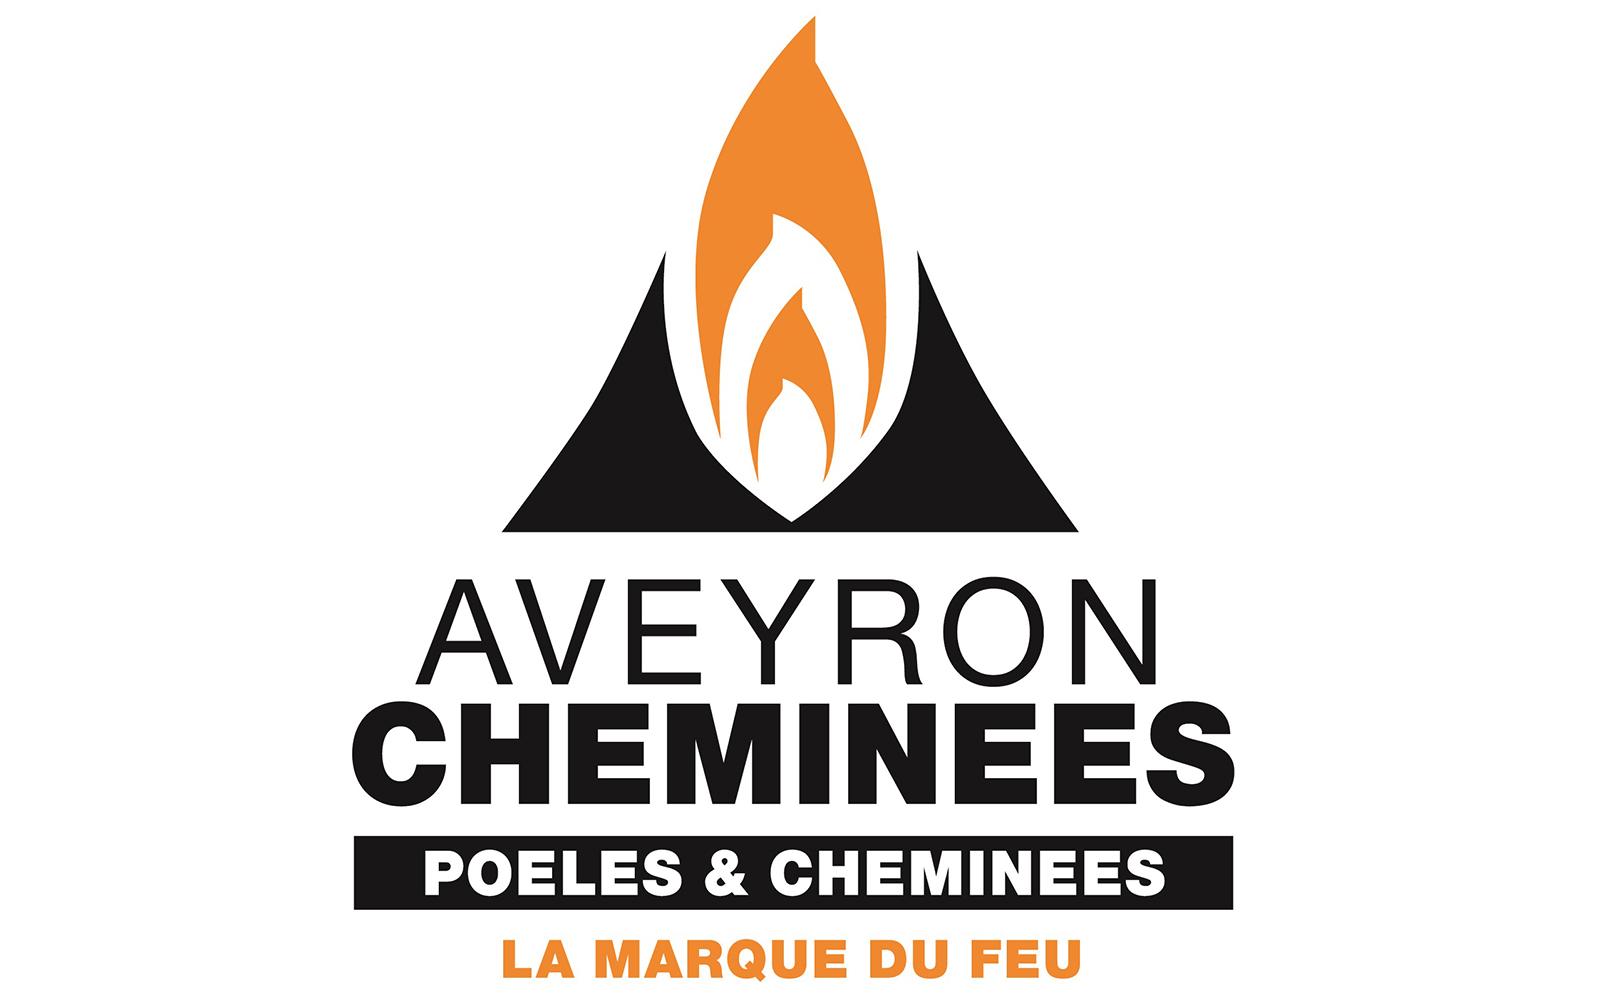 Poêle à bois Wanders dans l'Aveyron